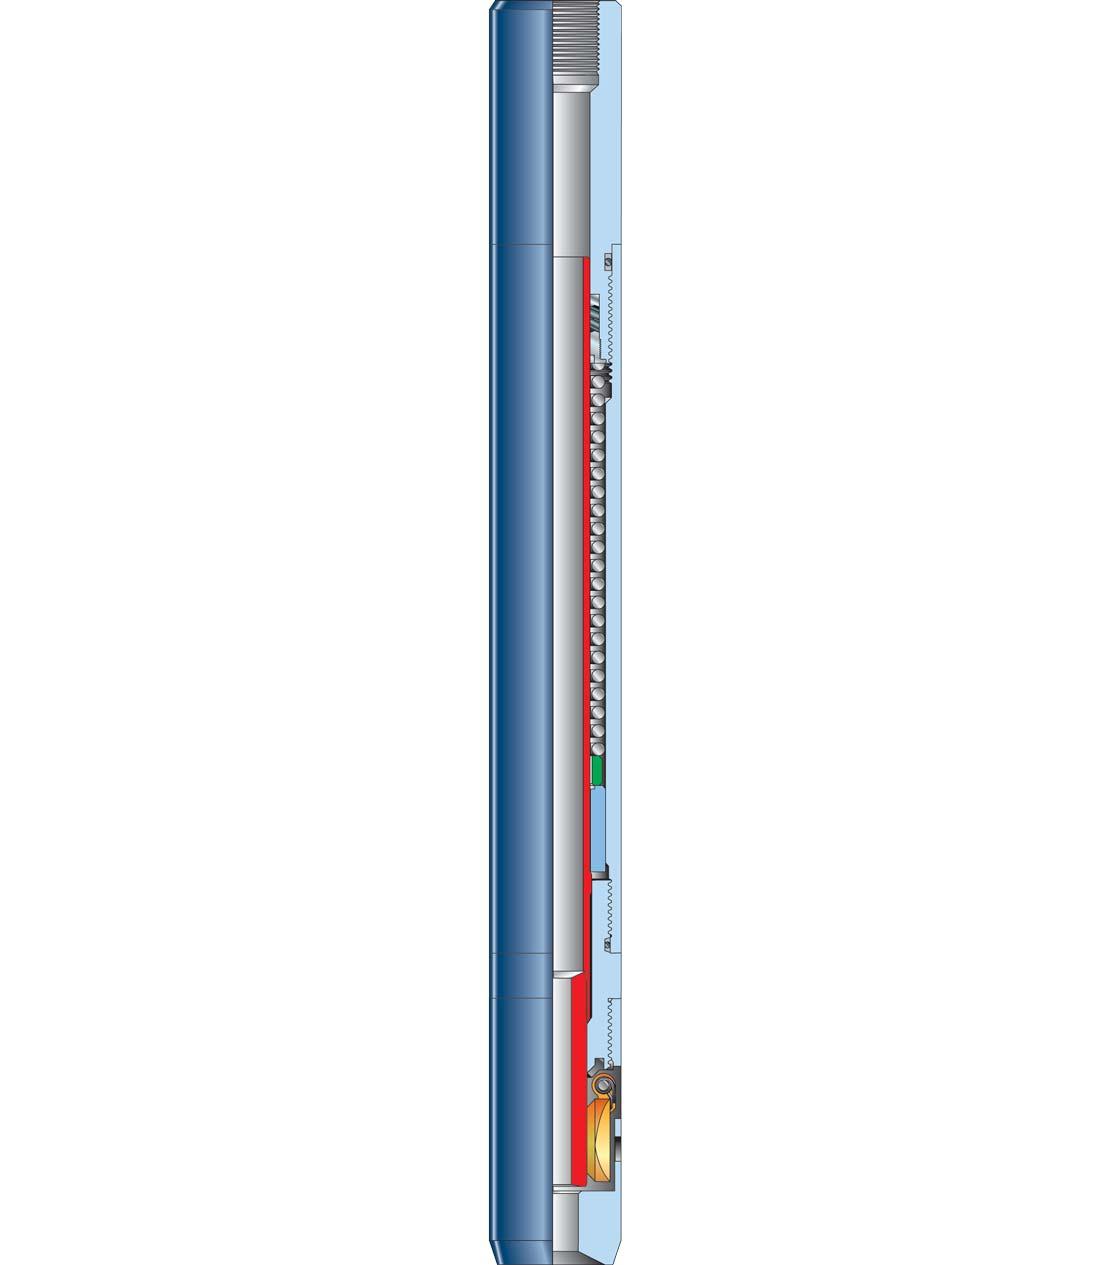 A-Series Velocity Valves